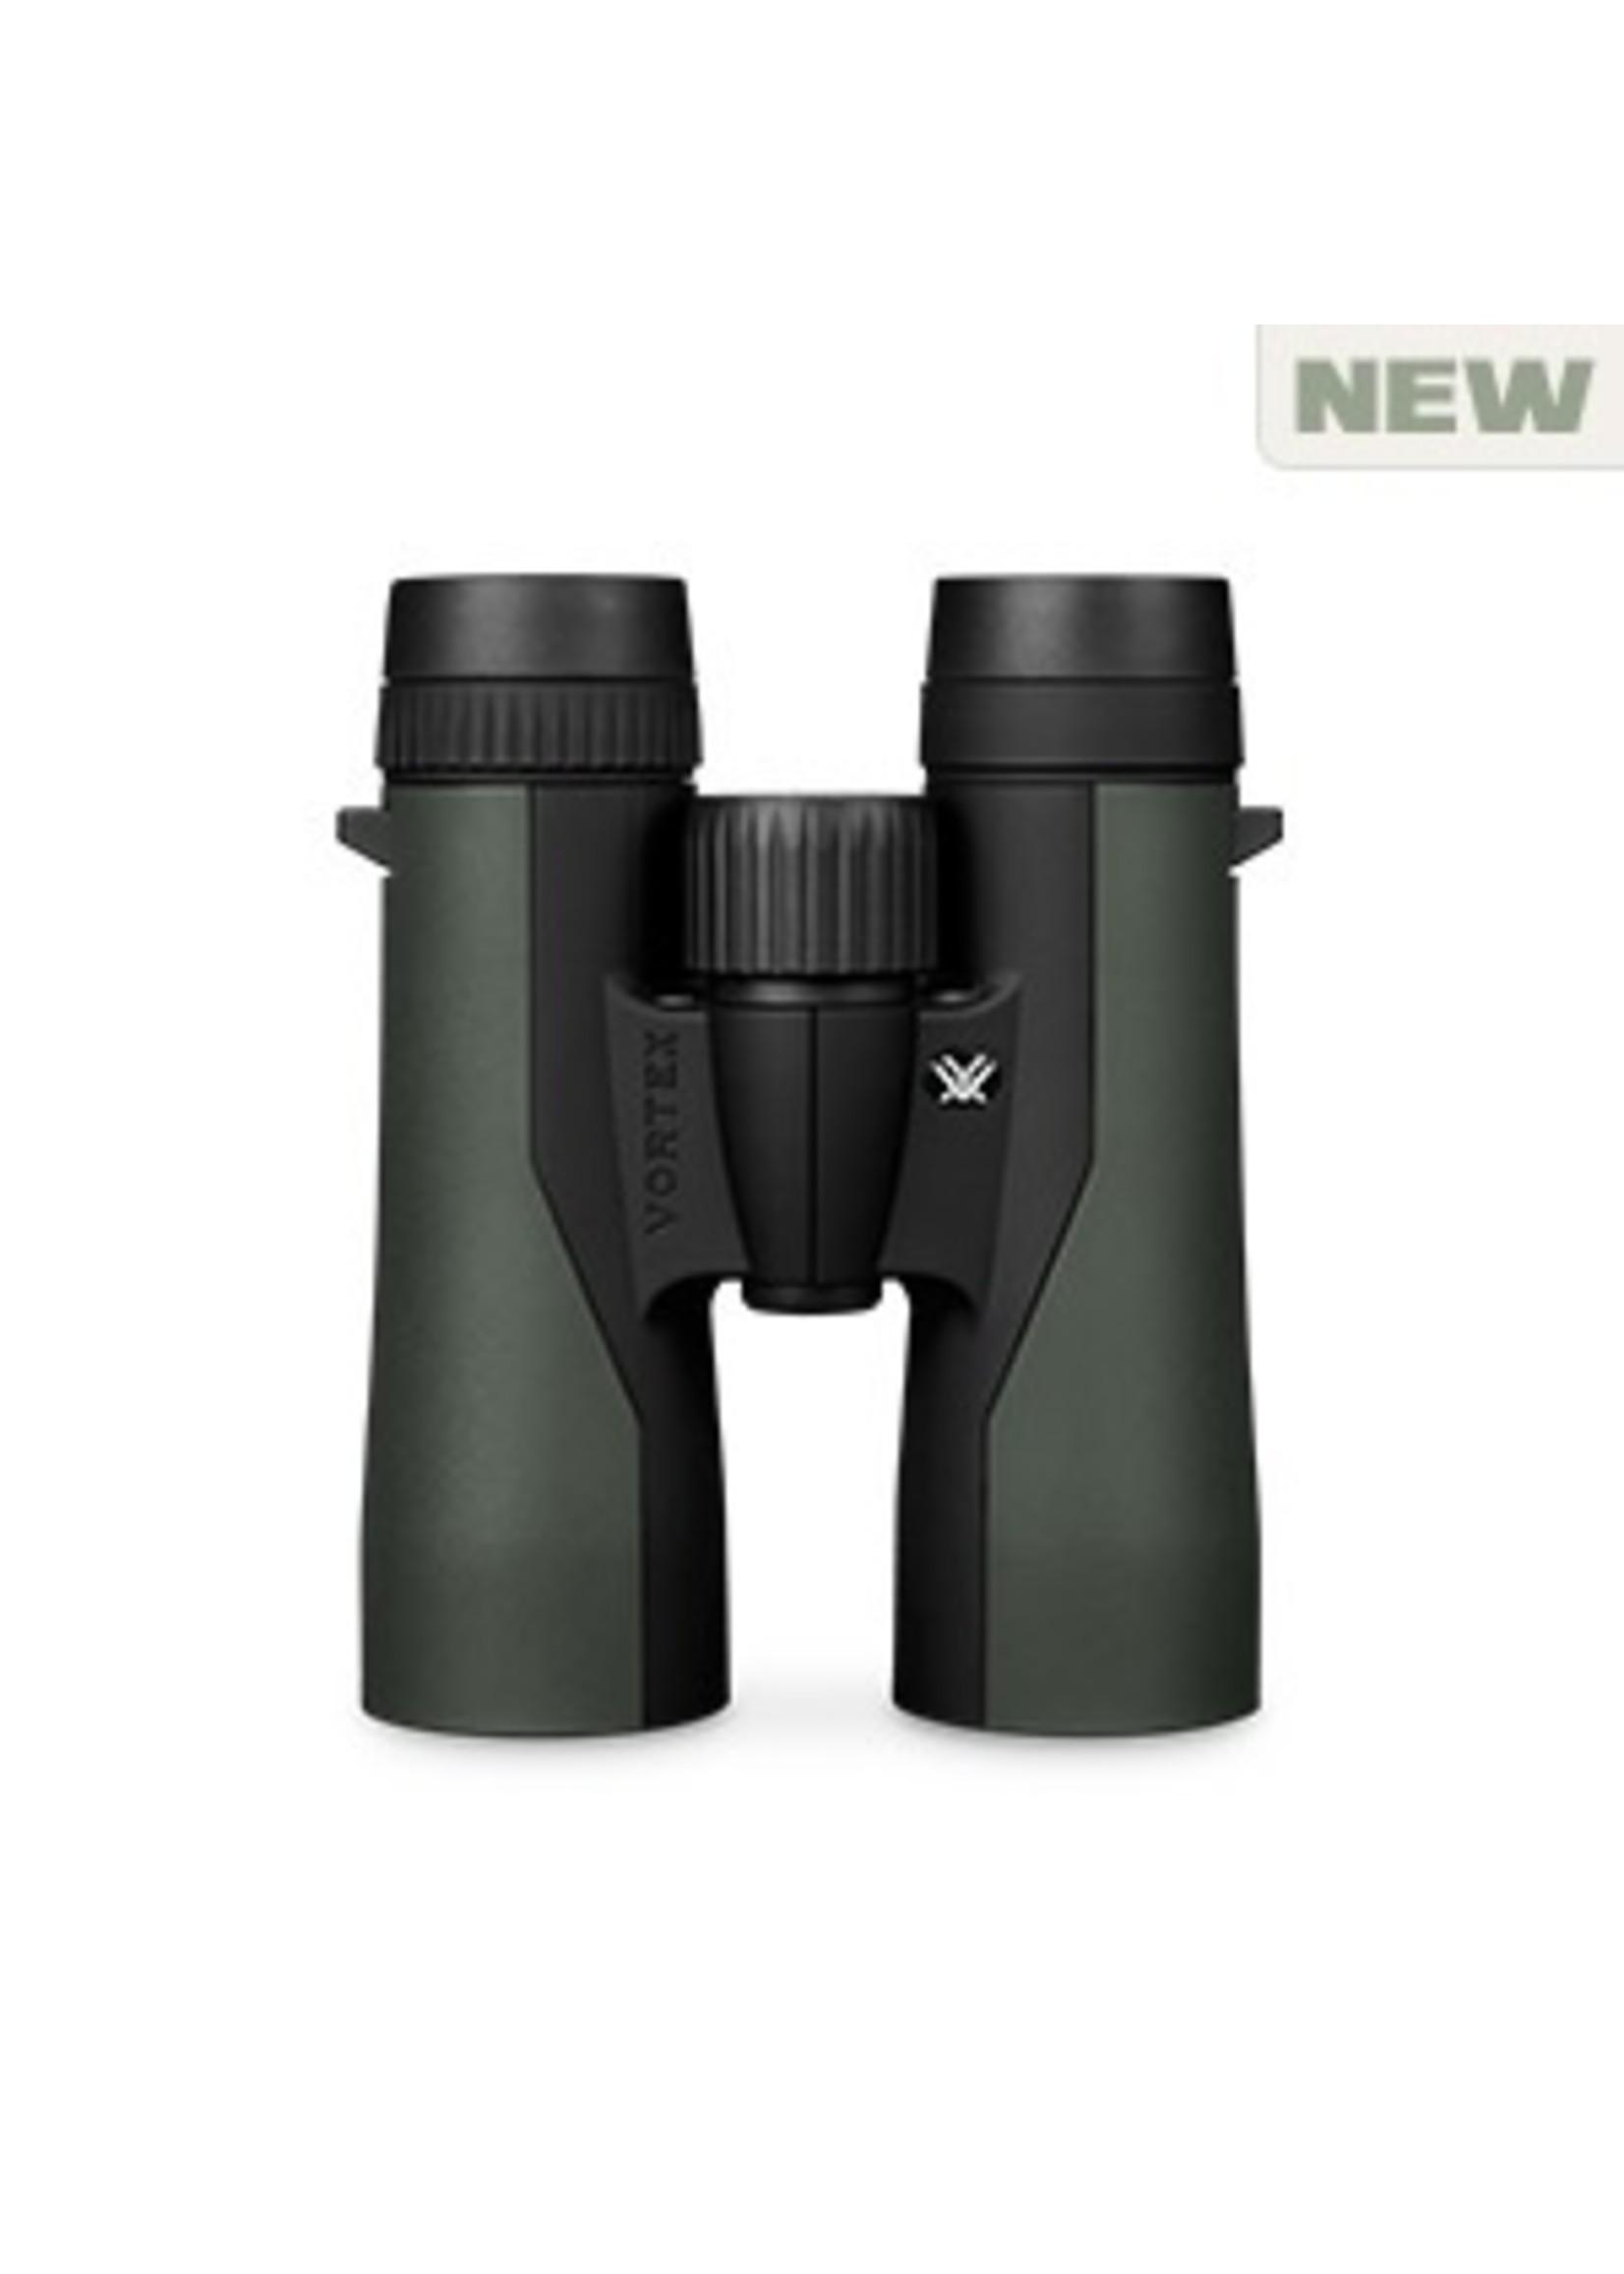 Vortex Optix Vortex Crossfire Binocular